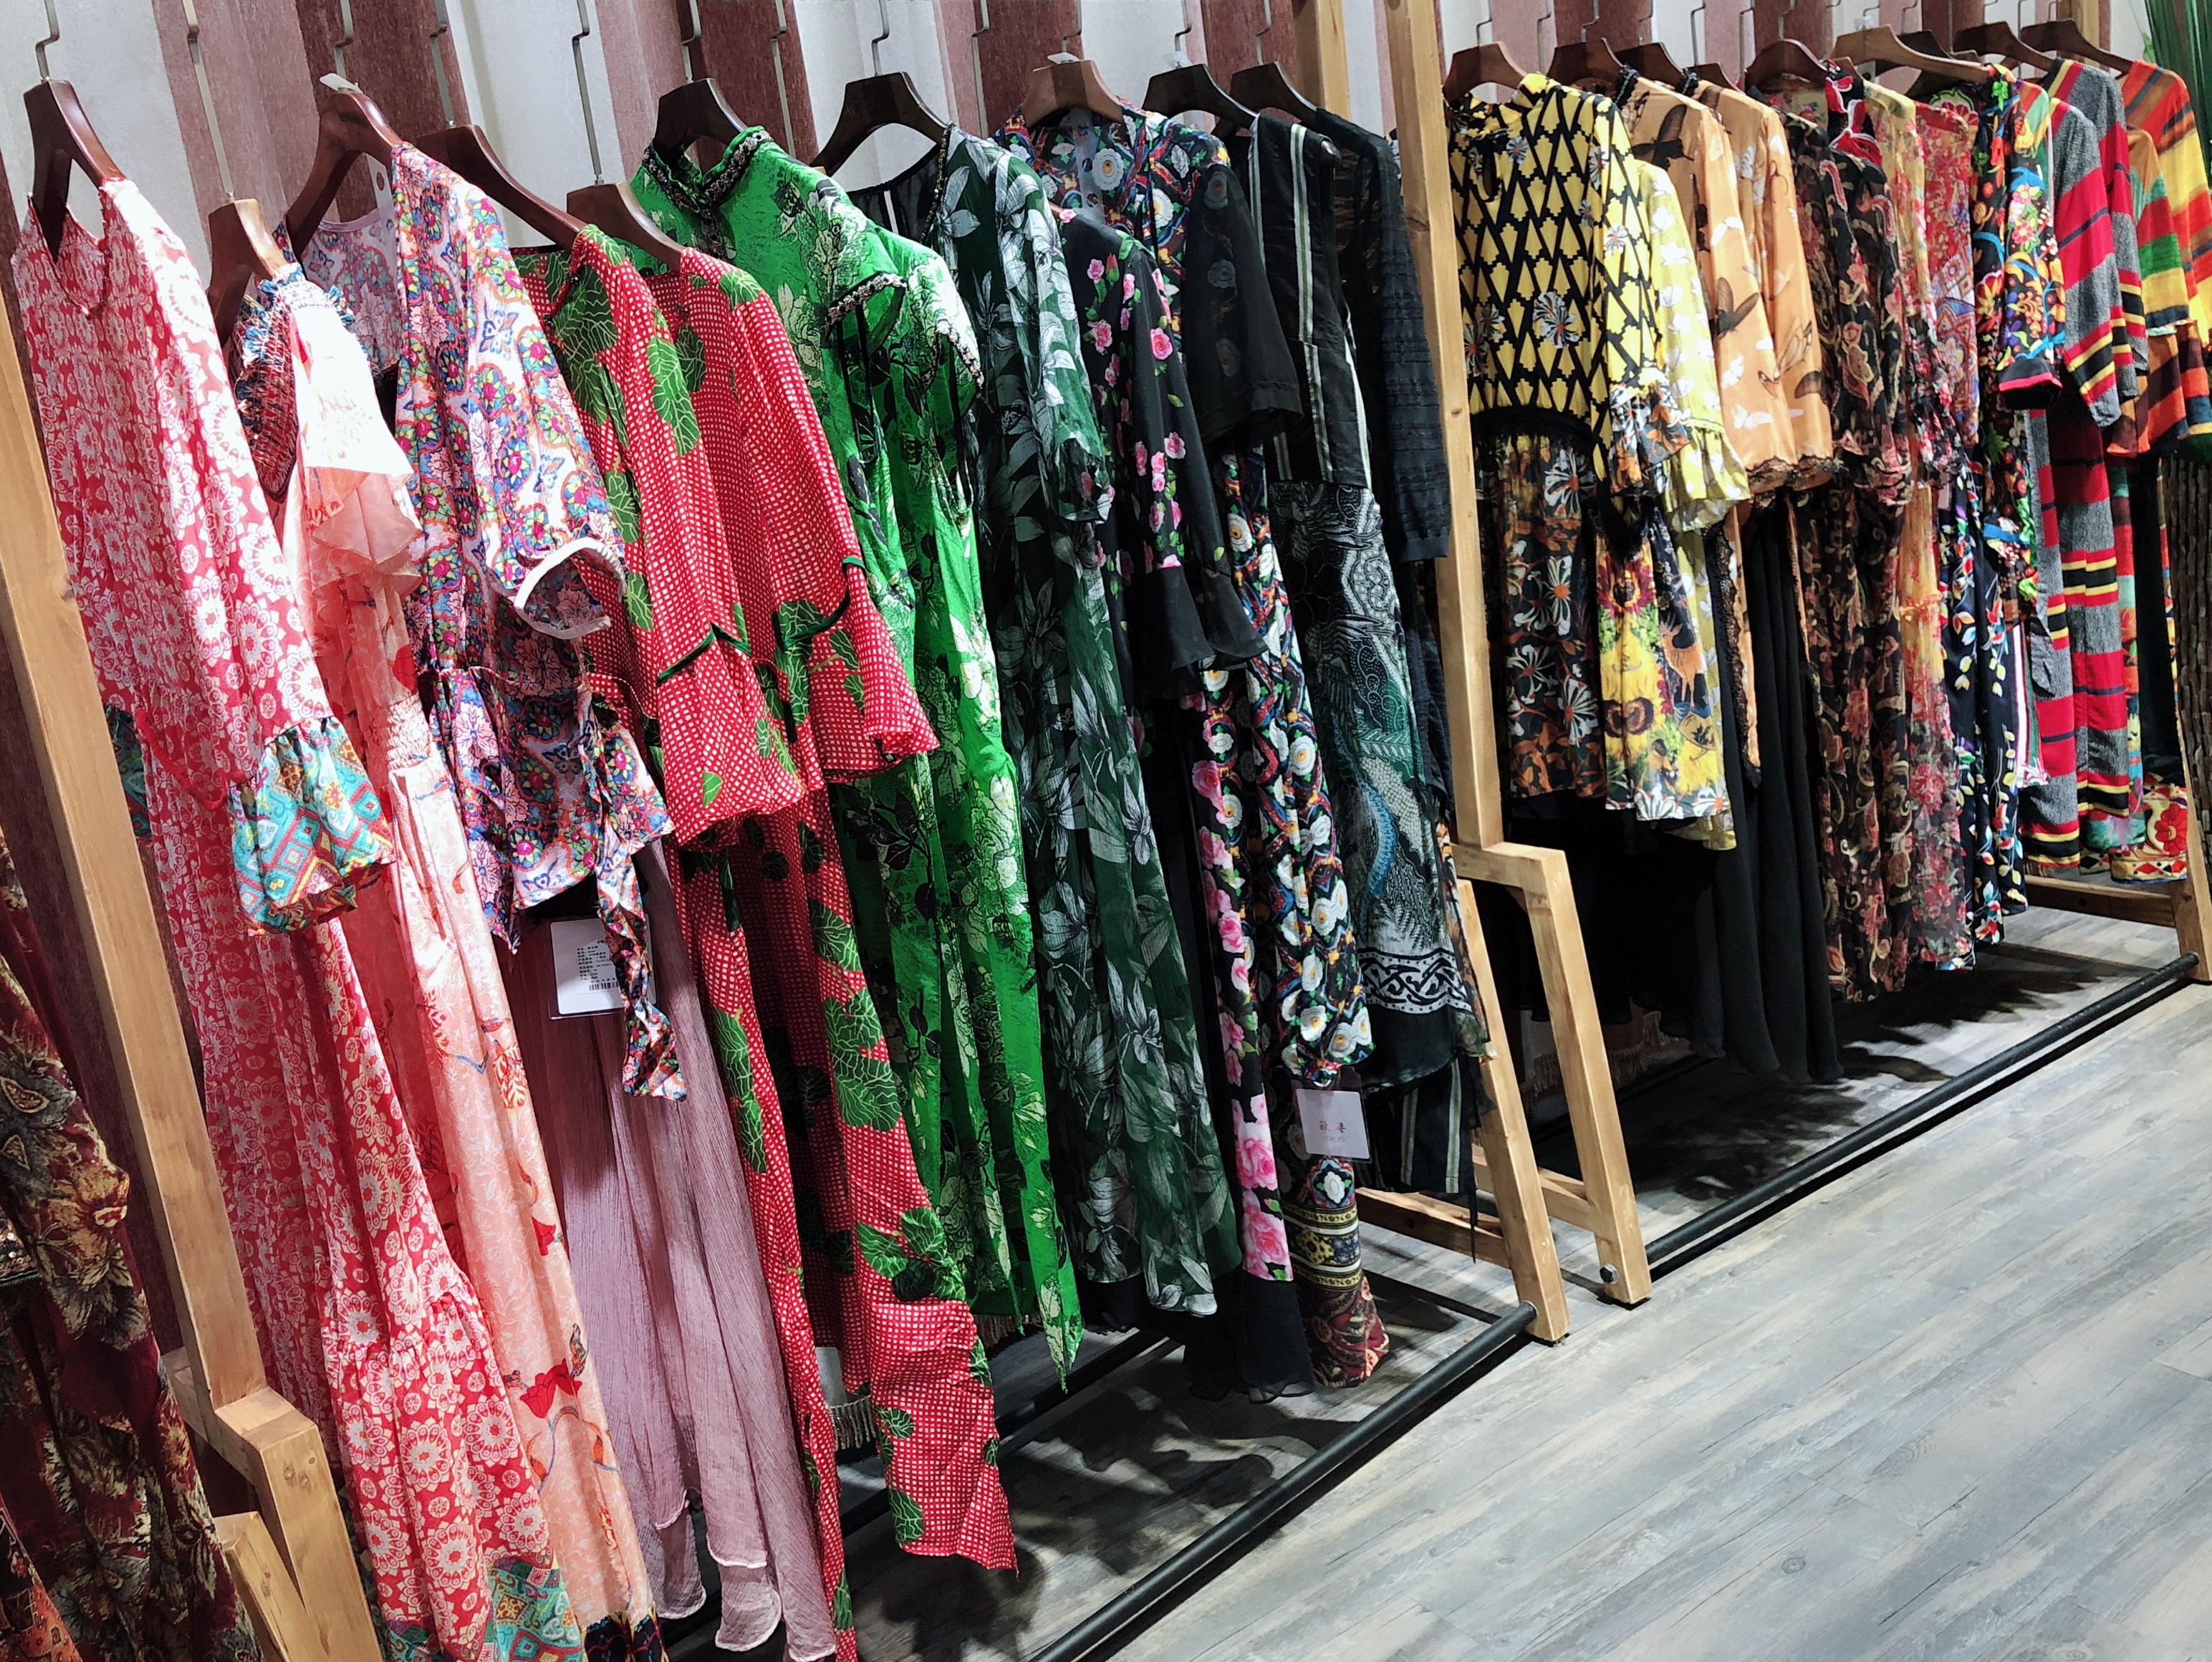 广州富儿雅兰泰拉高端羽绒服 广州富儿雅兰泰拉品牌折扣羽绒服